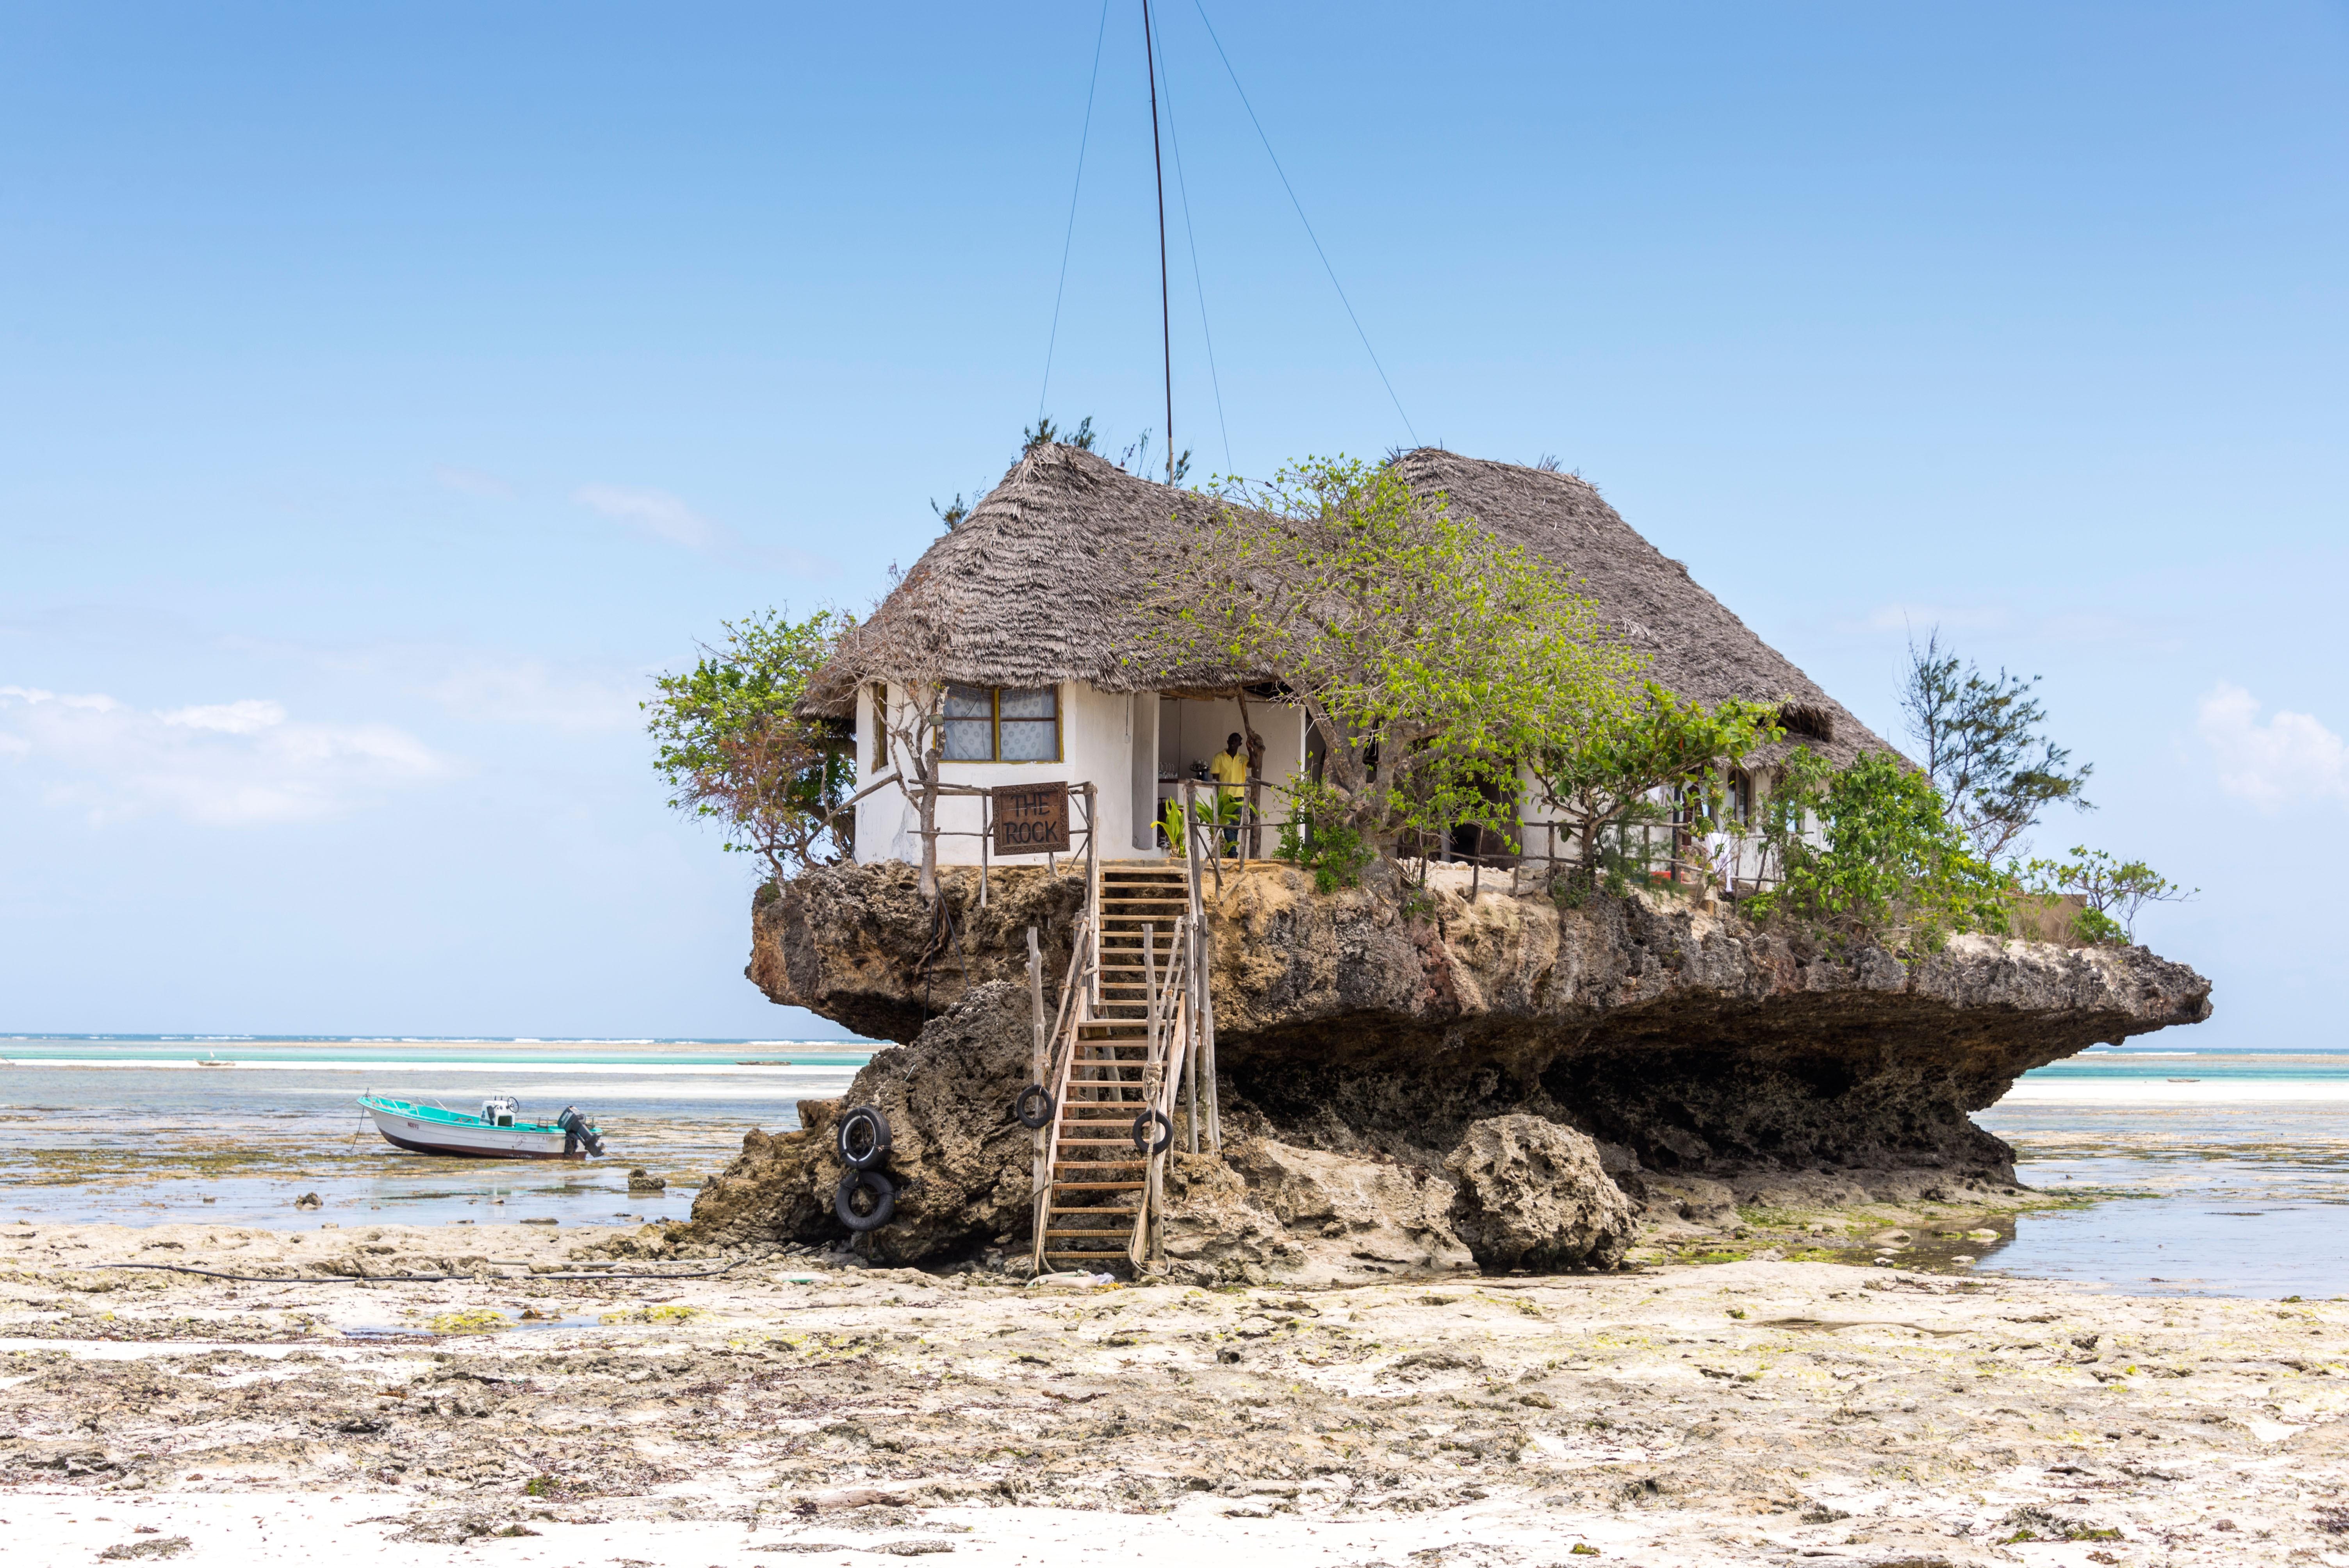 Zanzibar - See & Do